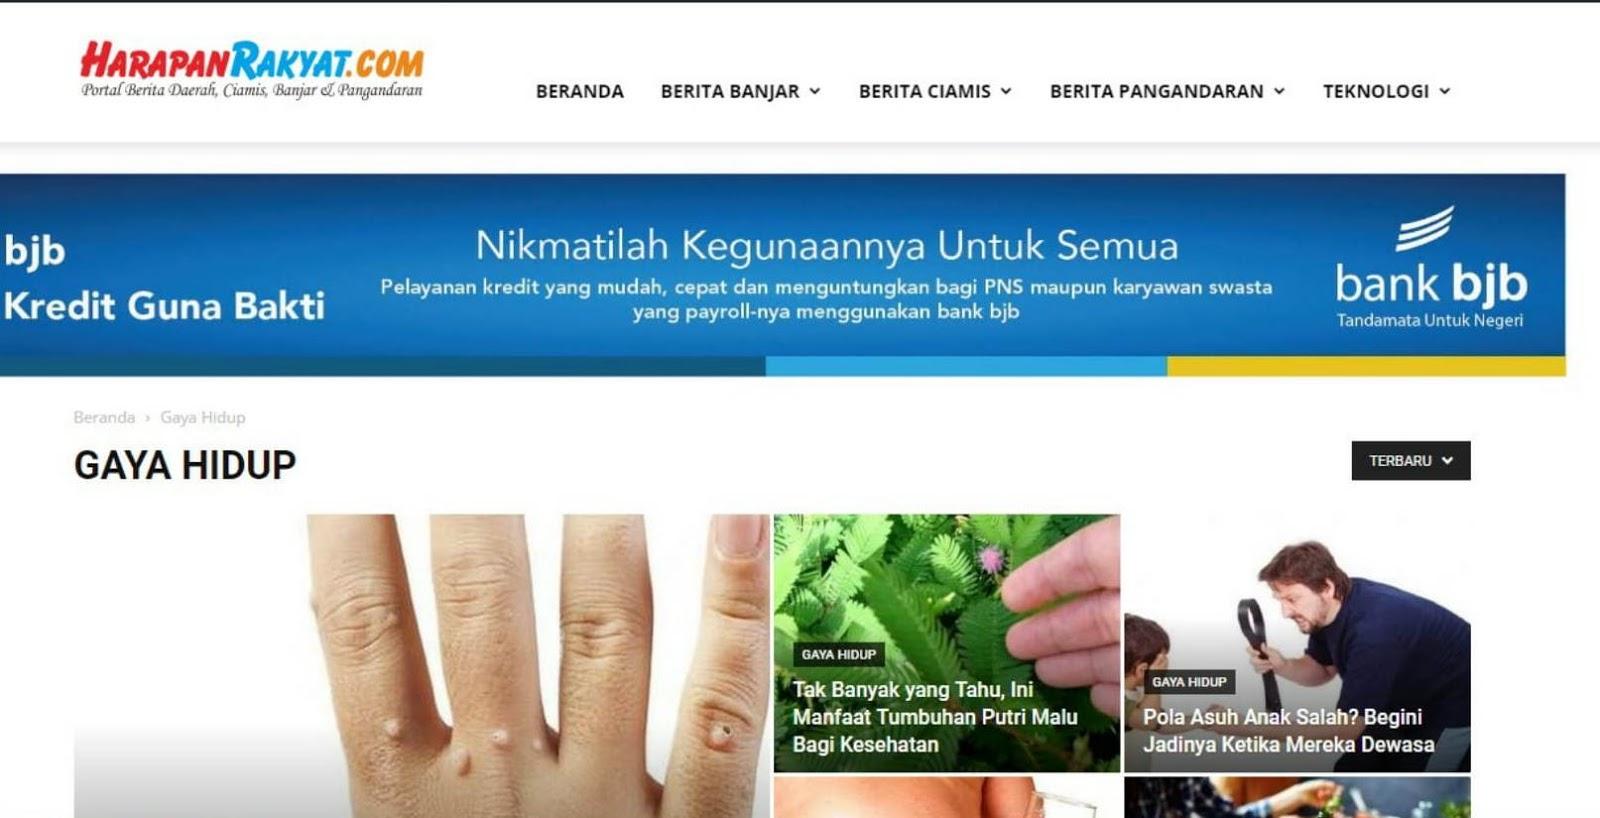 Harapan Rakyat Online, Portal Berita Lokal yang Bisa Bersaing dengan Media Nasional